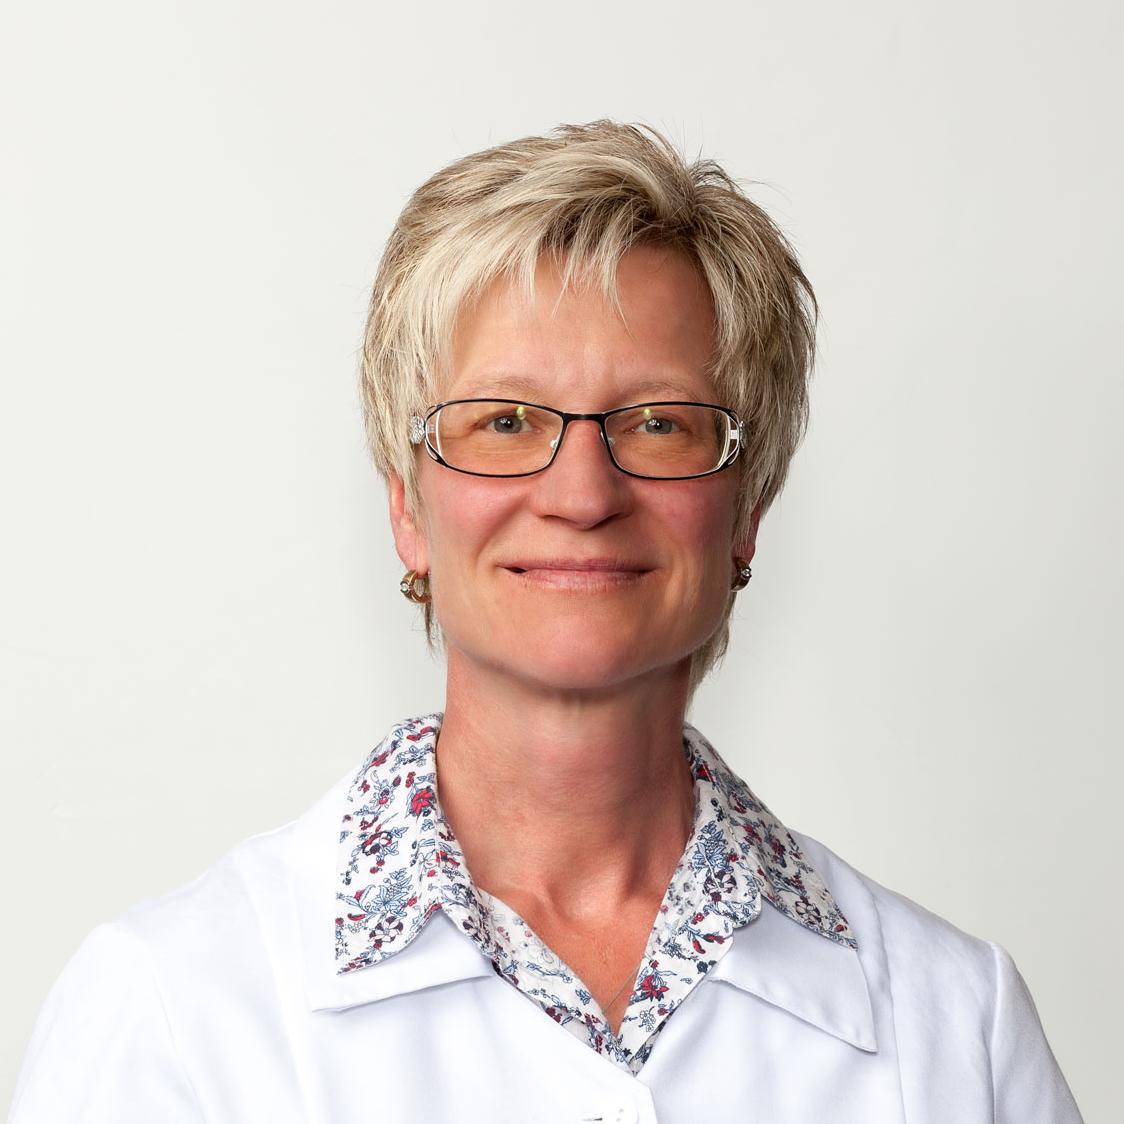 Porträtfoto von Tabea Blüthgen